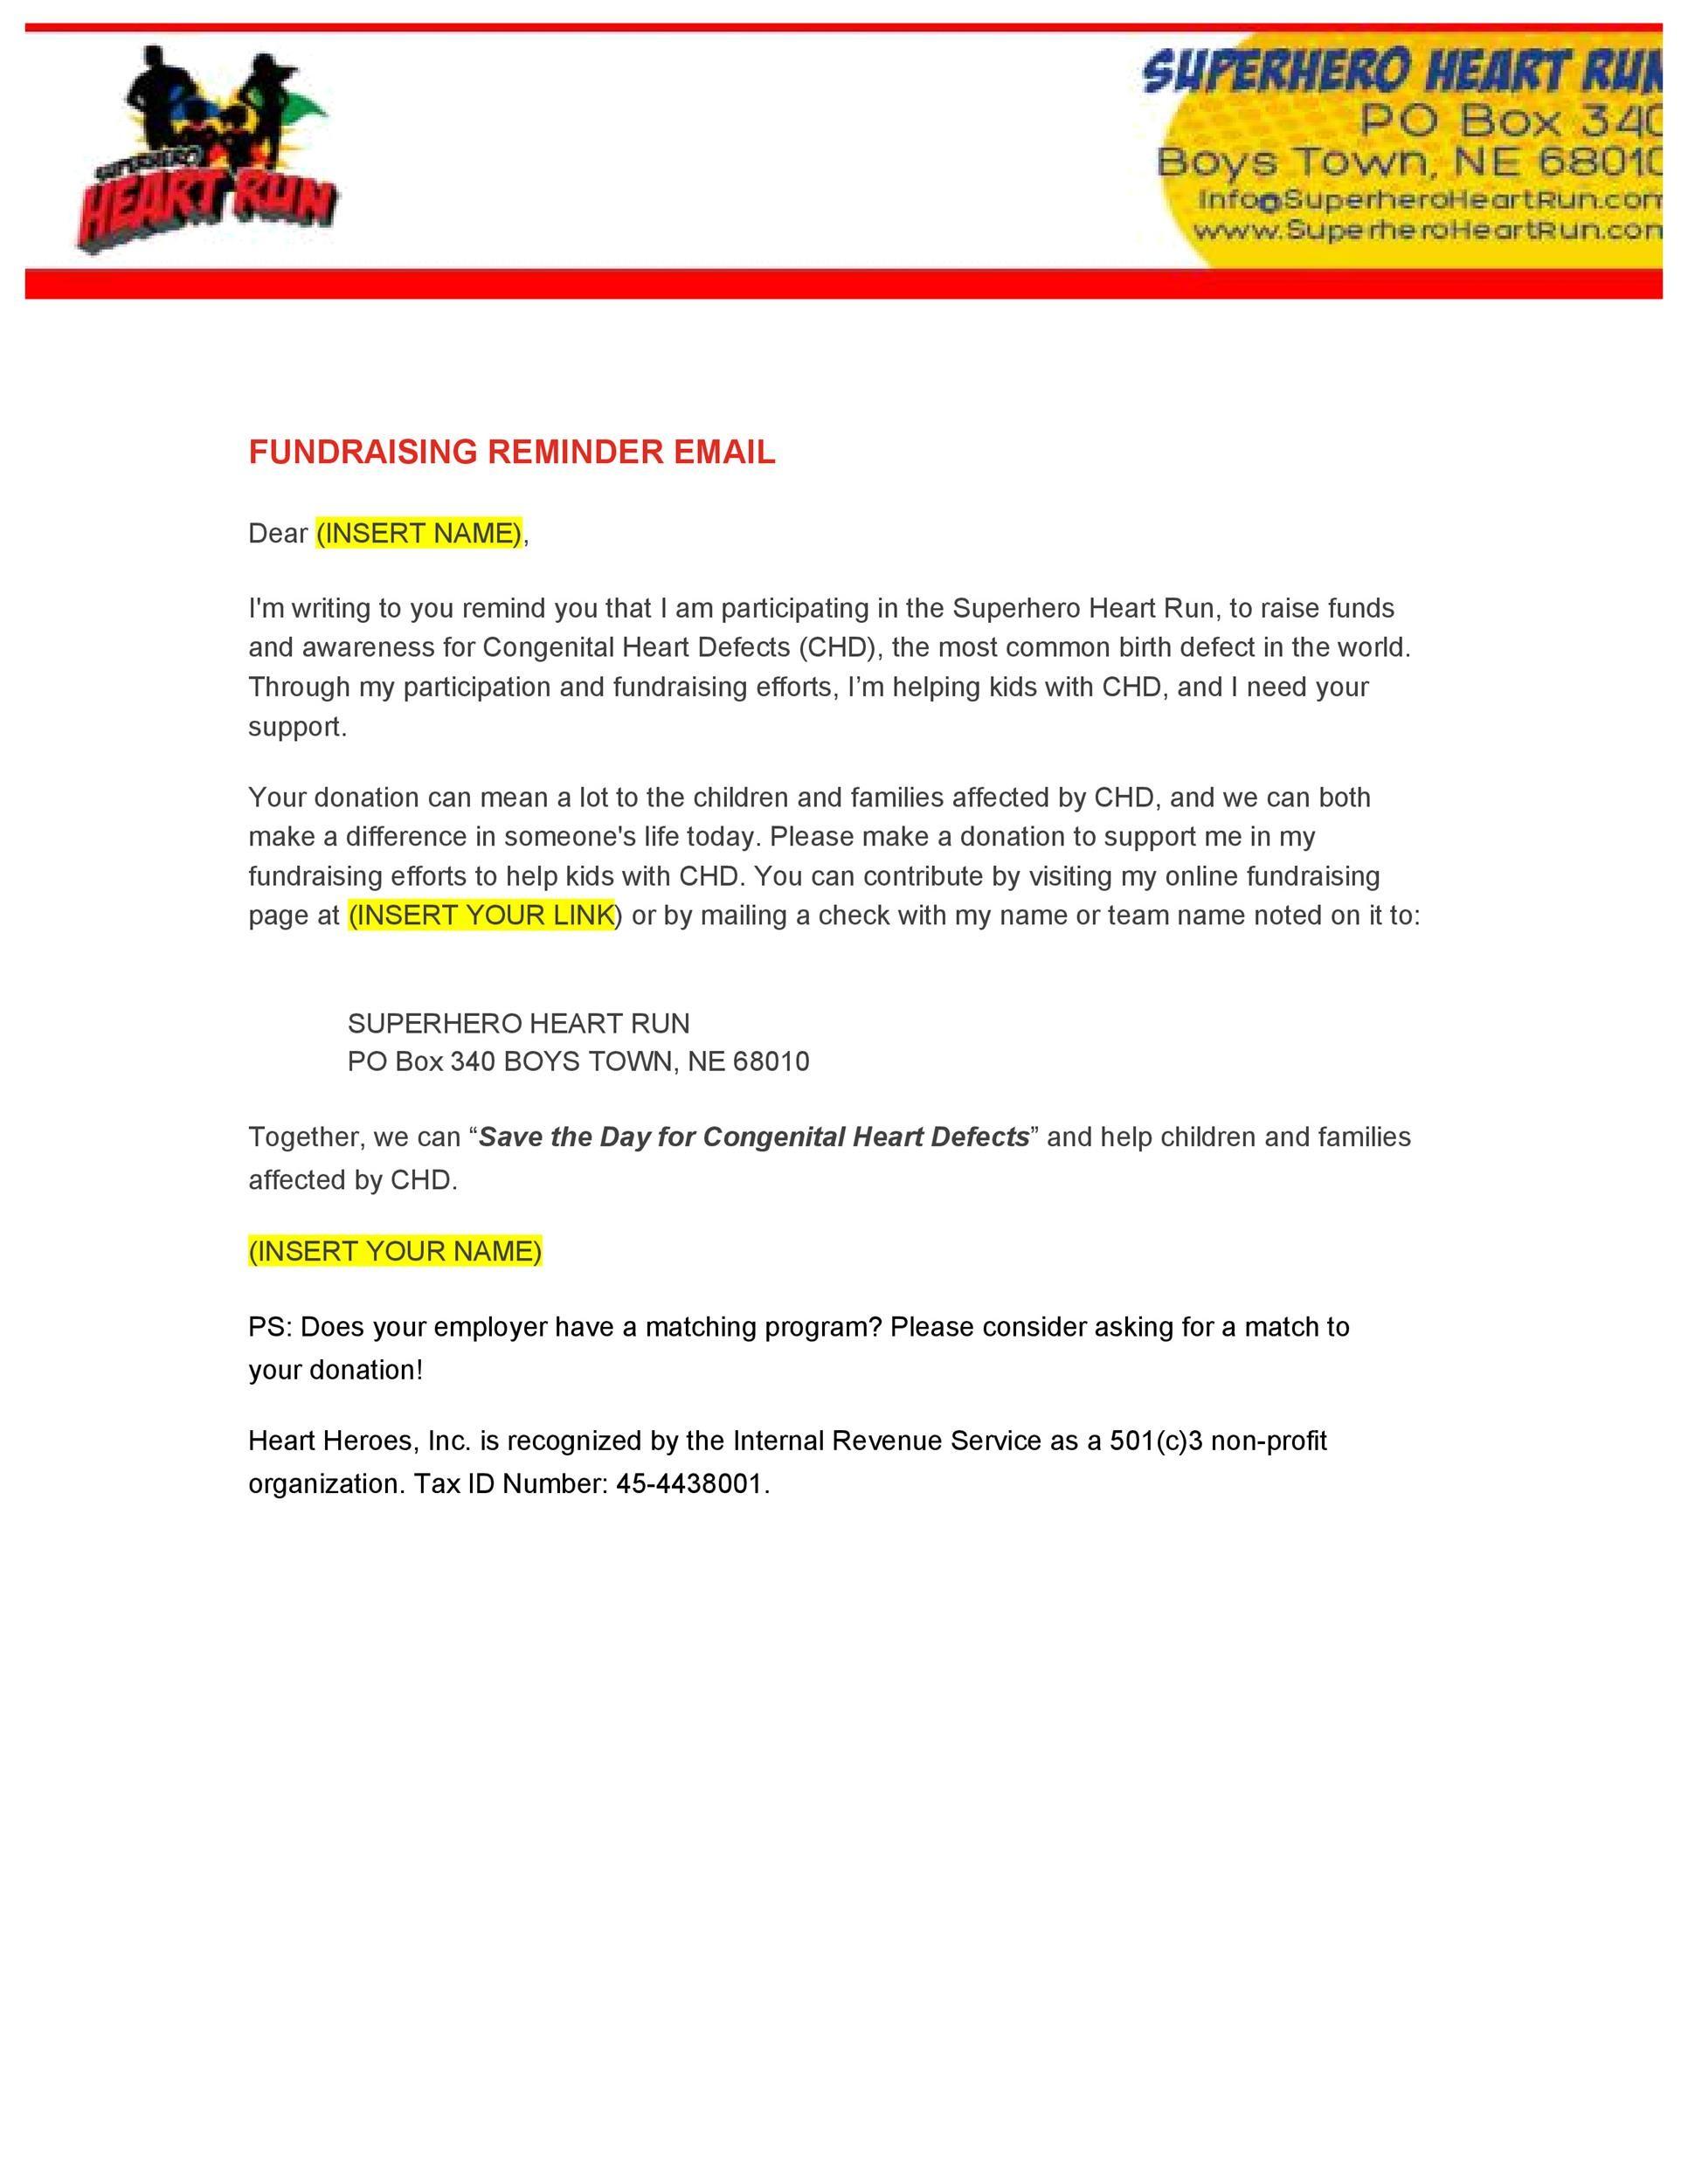 Free reminder email sample 39